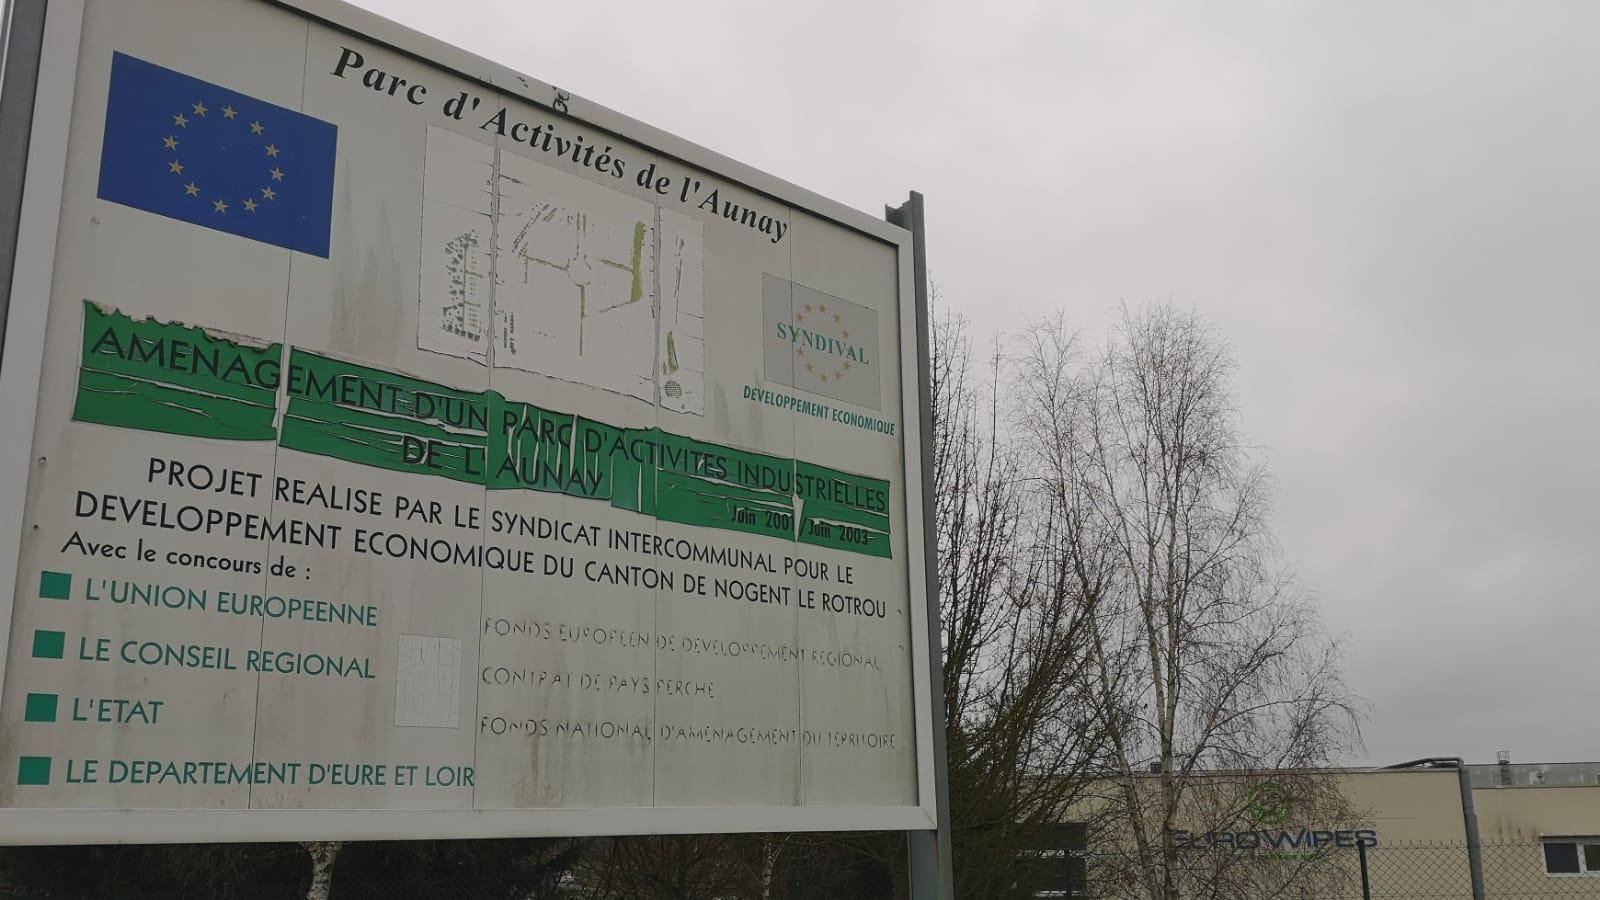 Parc d'activité de l'Aunay et entreprise Euro Wipes